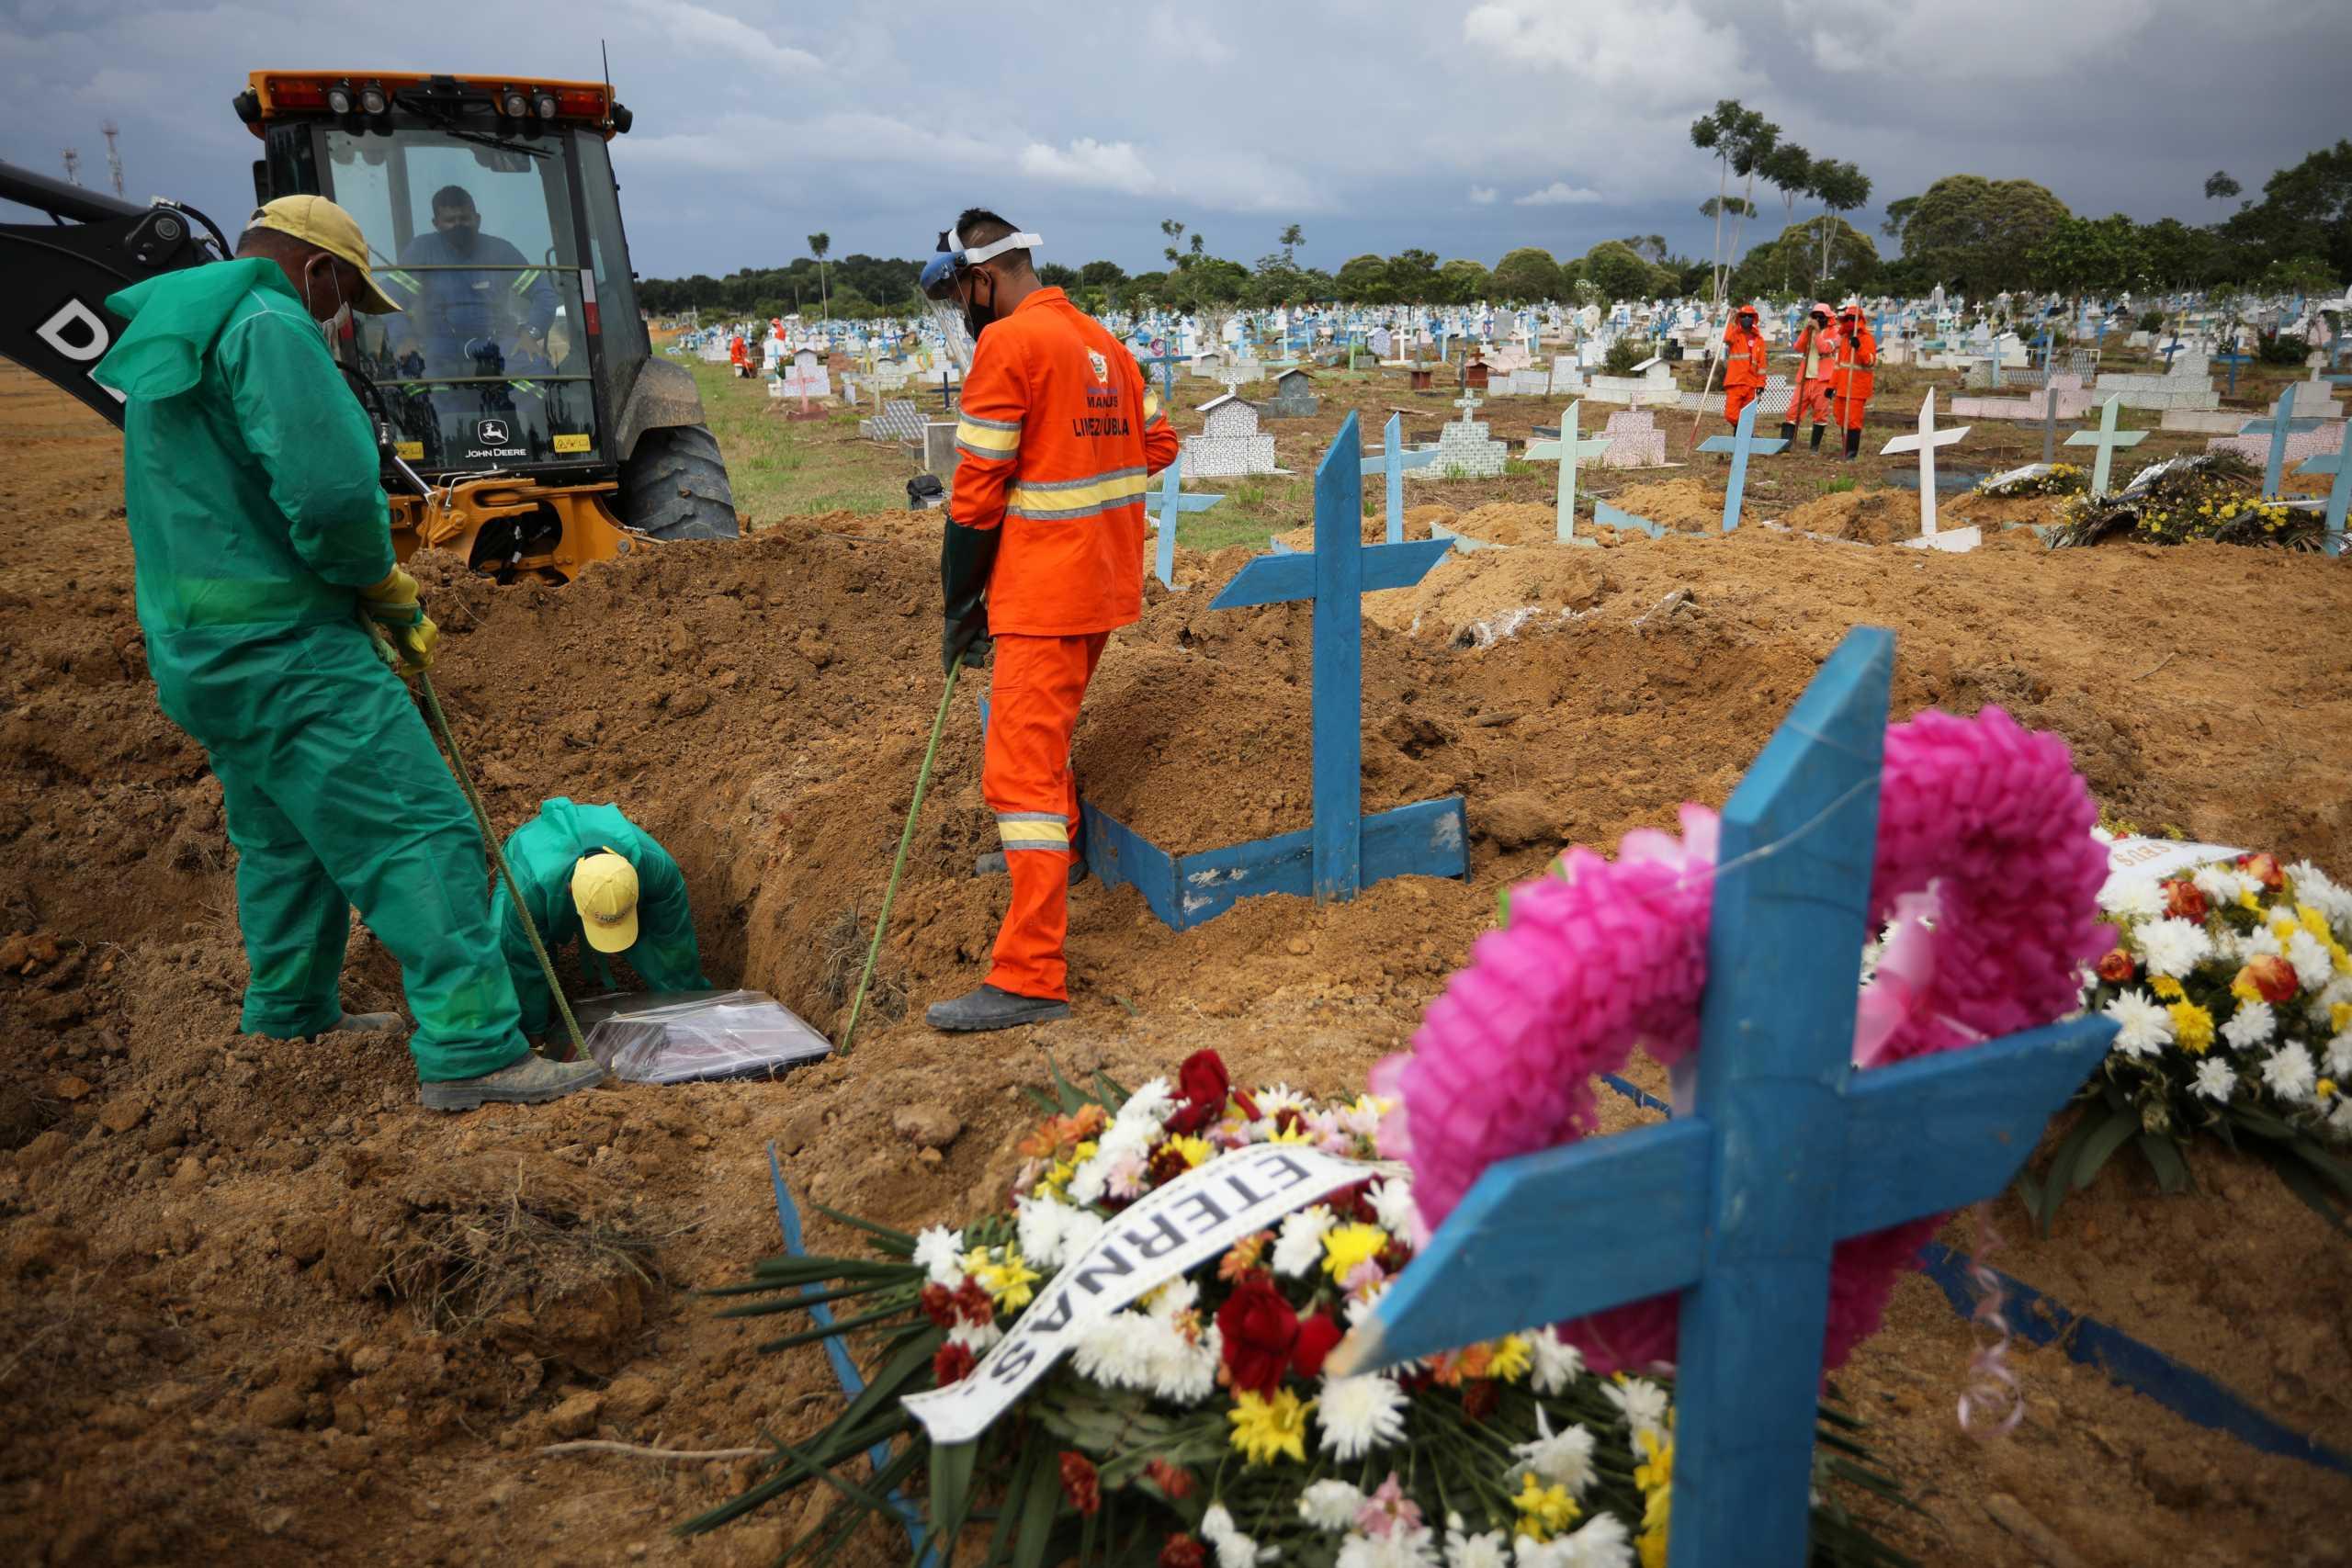 Βραζιλία: 62.290 νέα κρούσματα κορονοϊού και 1.171 θάνατοι το τελευταίο 24ωρο